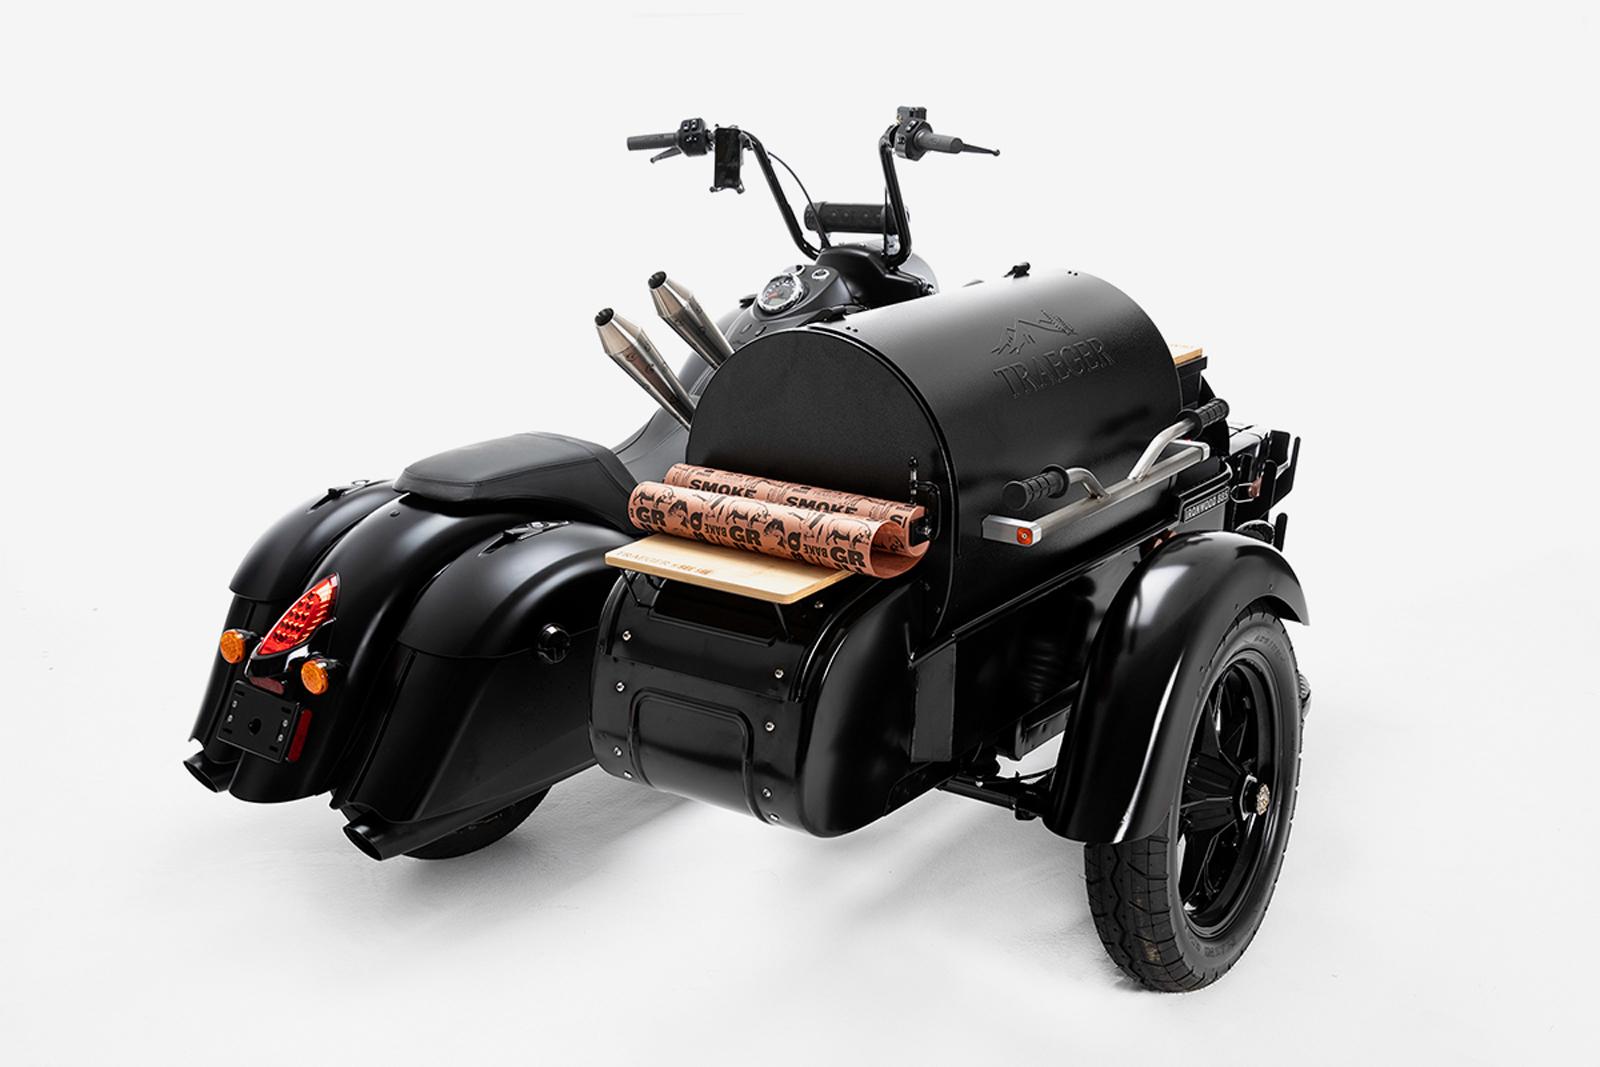 在烤肉架的握把上也更換成摩托車的握把